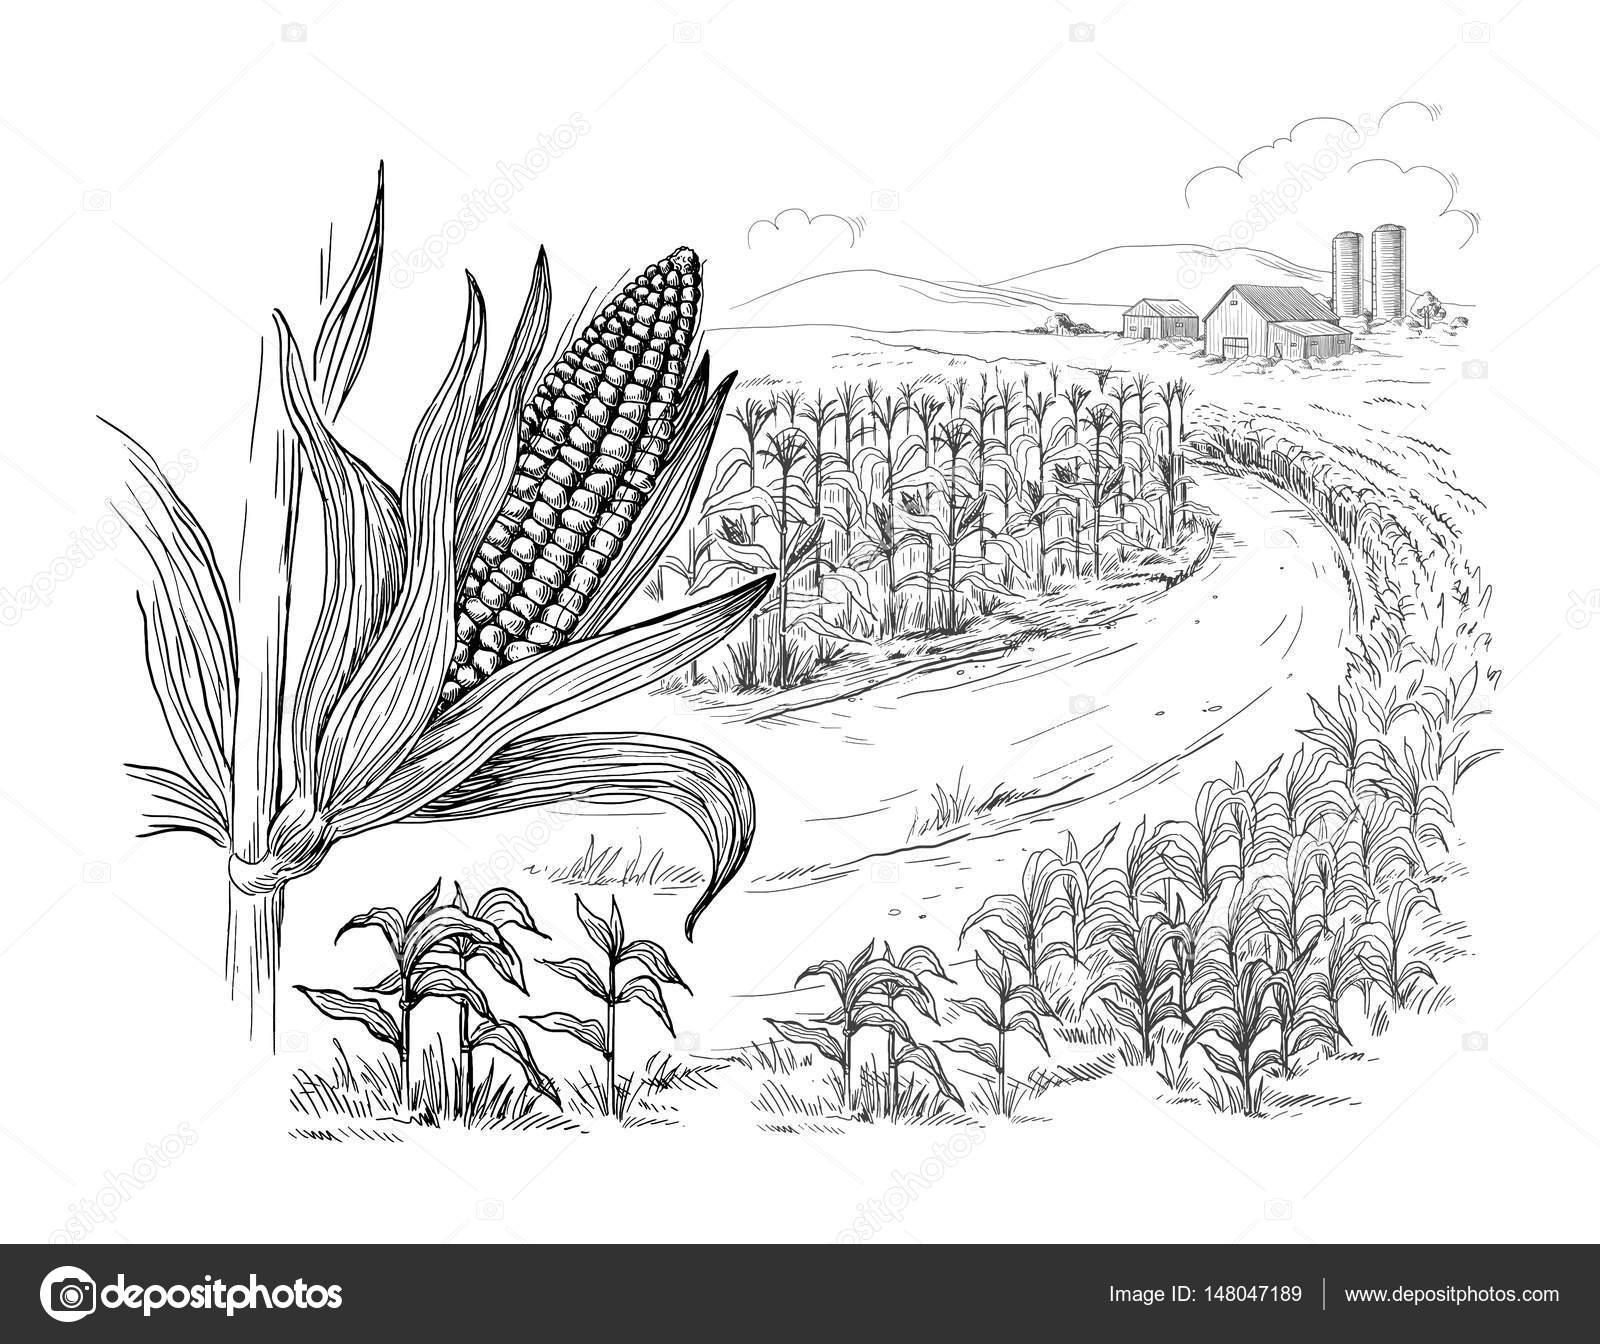 Ilustración de campo de maíz grano tallo sketch — Archivo Imágenes ...